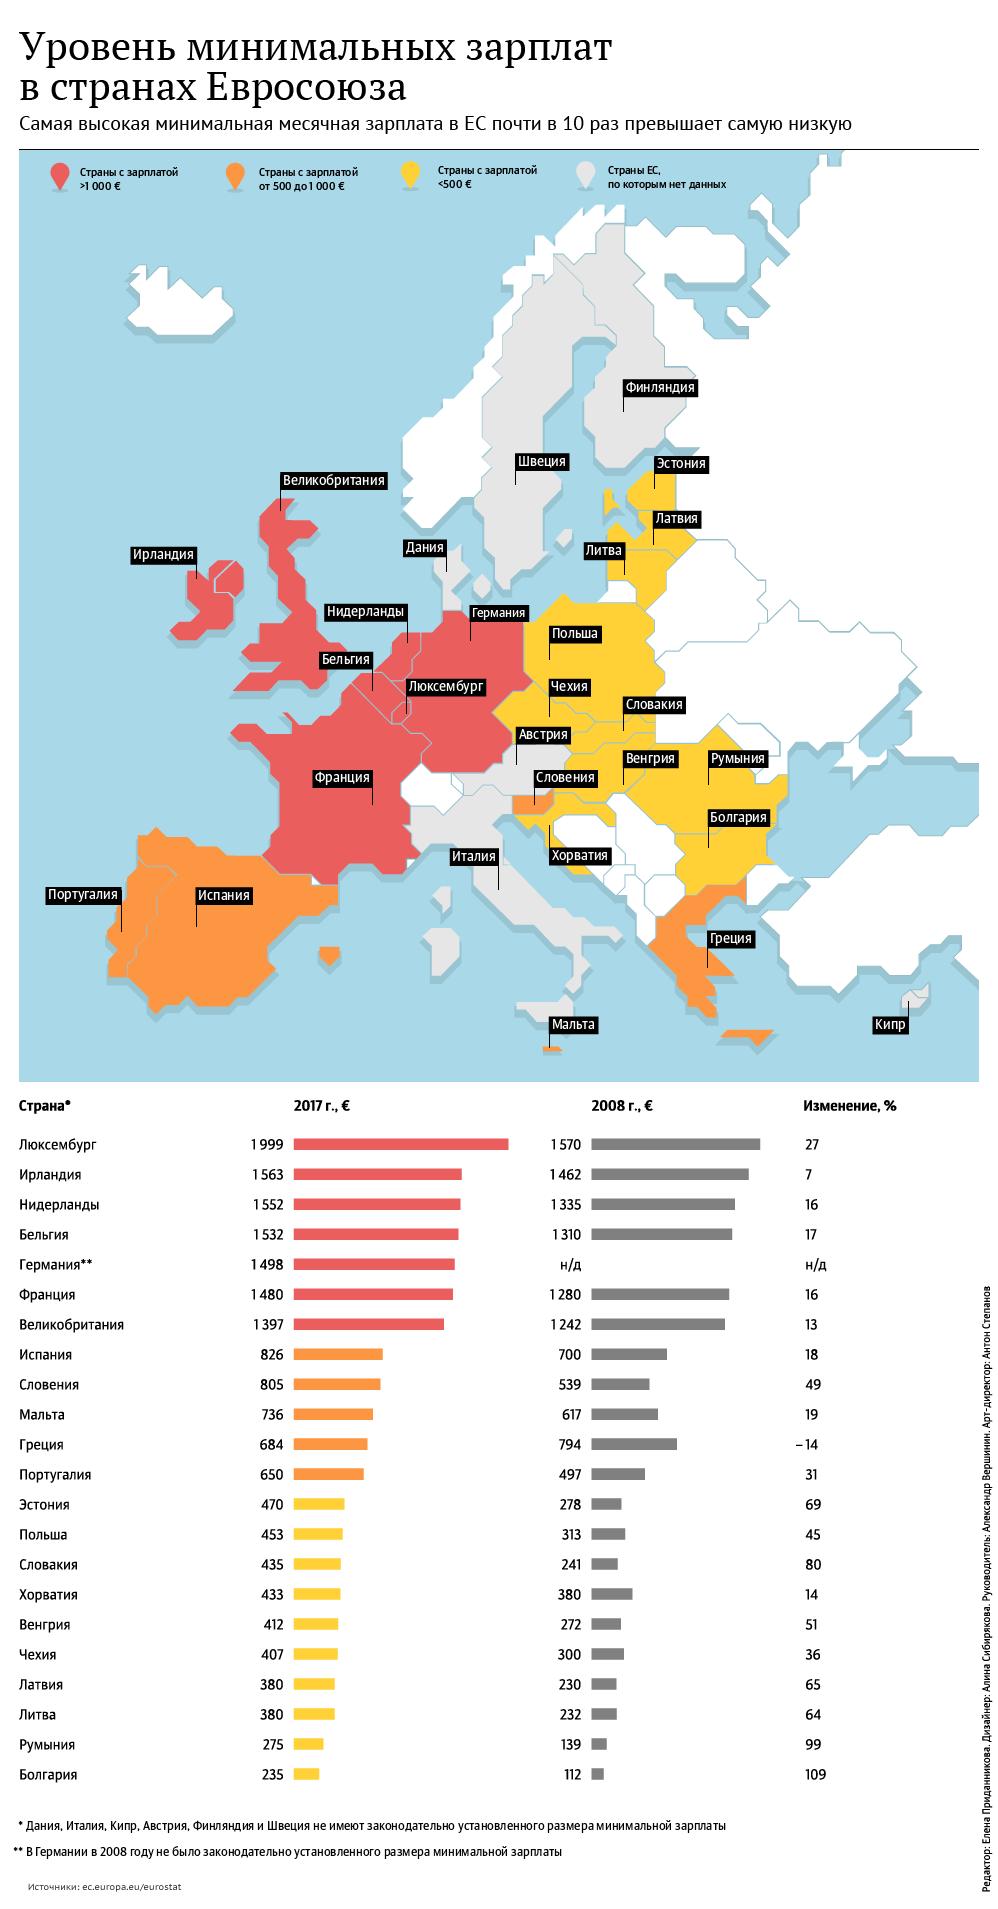 Налоги в странах ес 2017 жилье в гоа купить